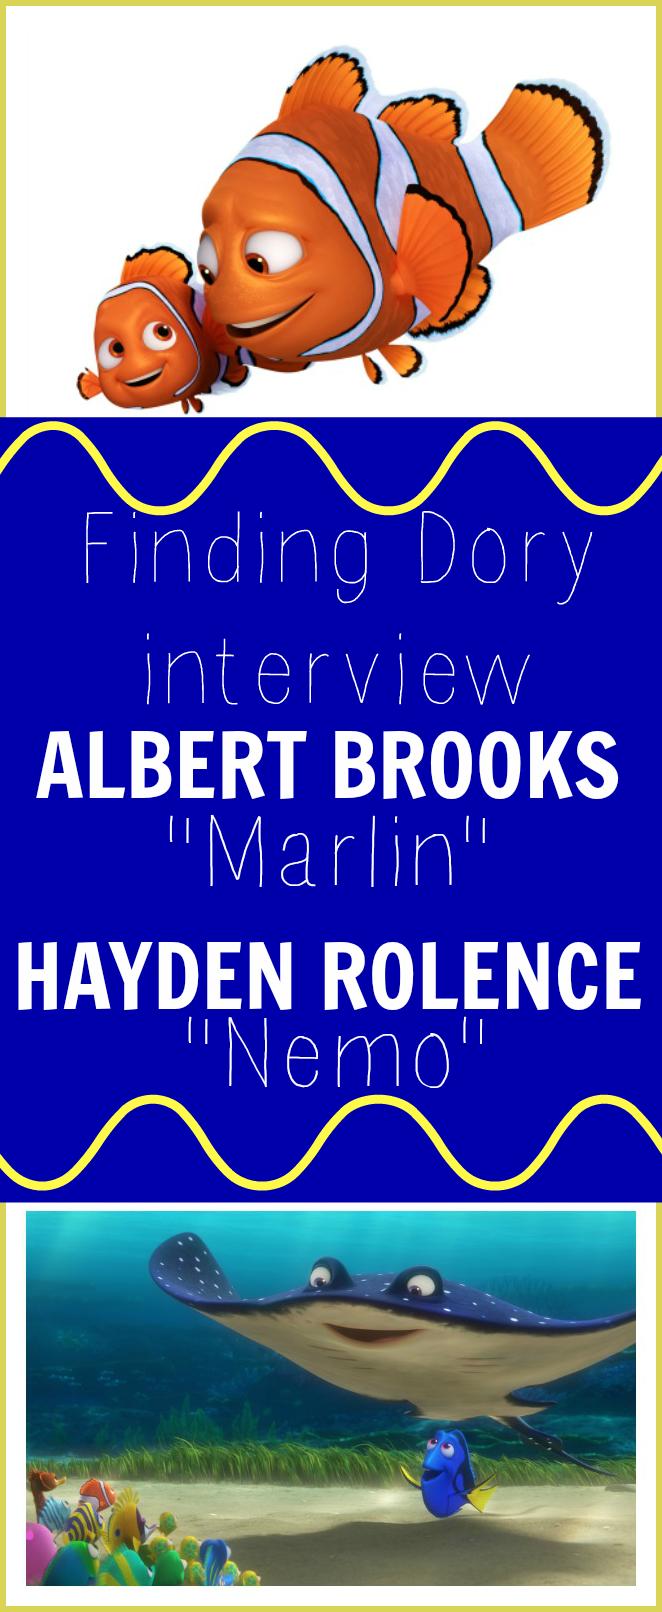 847f78c9631 Hayden Rolence   Albert Brooks Interview